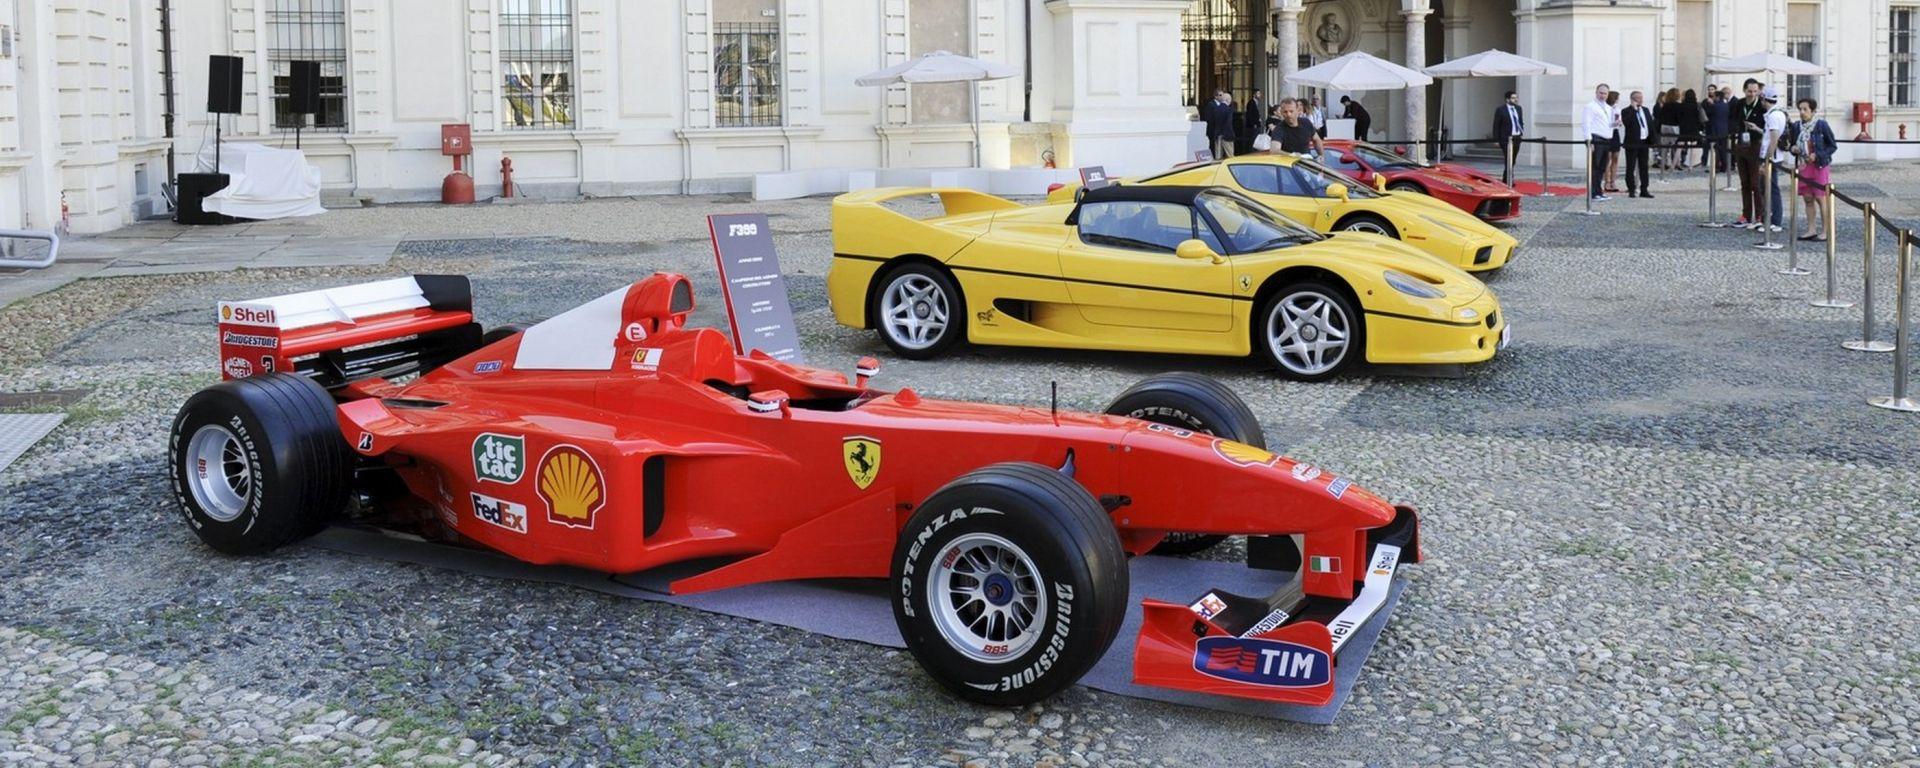 Salone dell'Auto di Torino - Parco Valentino: le novità e le informazioni utili